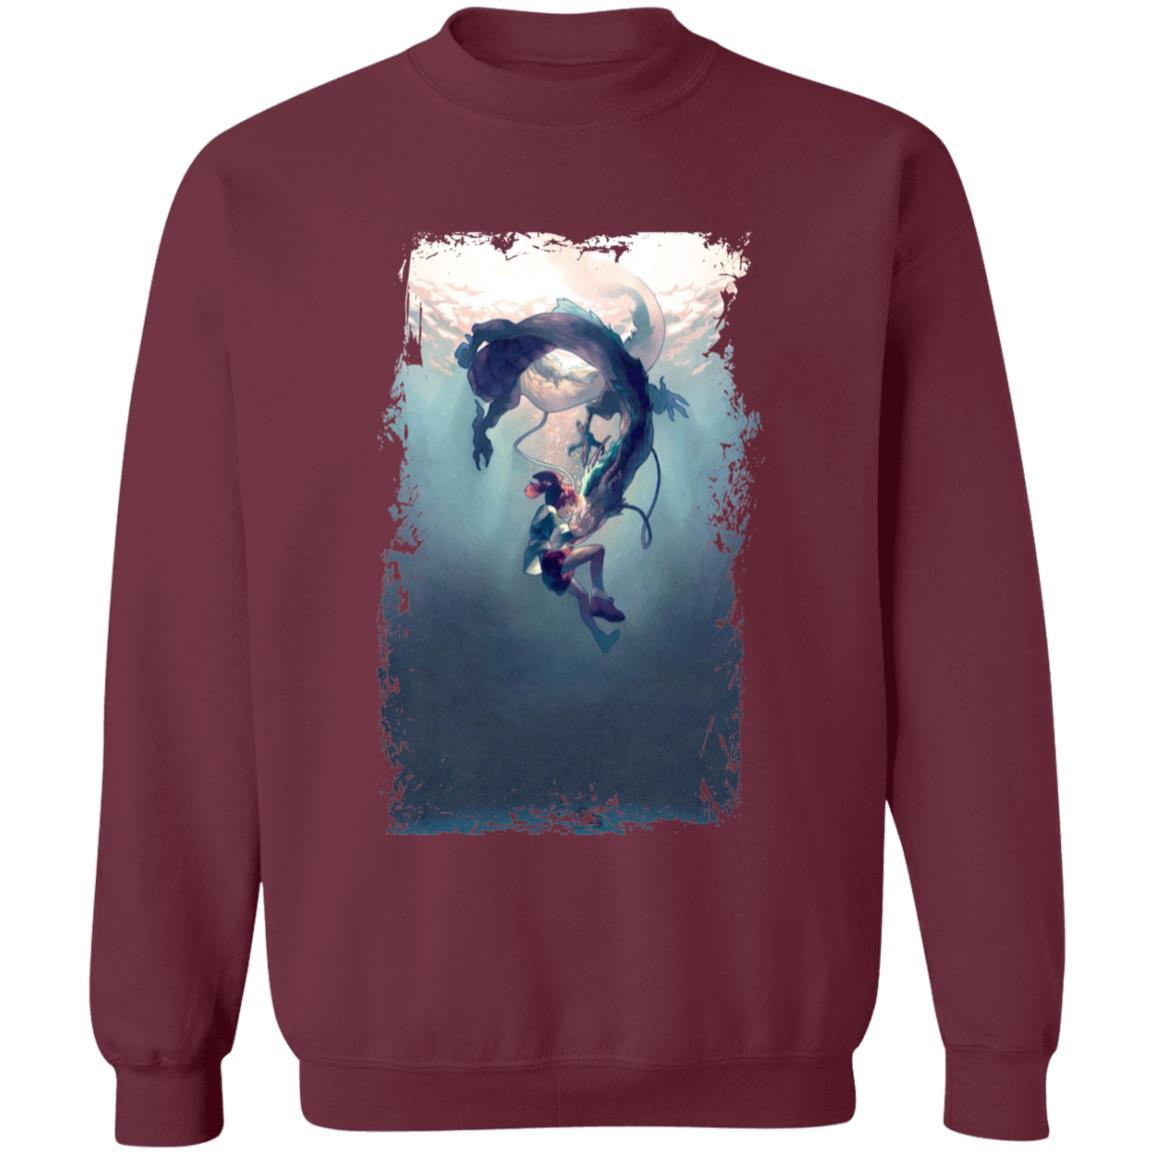 Spirited Away – Chihiro and Haku under the Water Sweatshirt